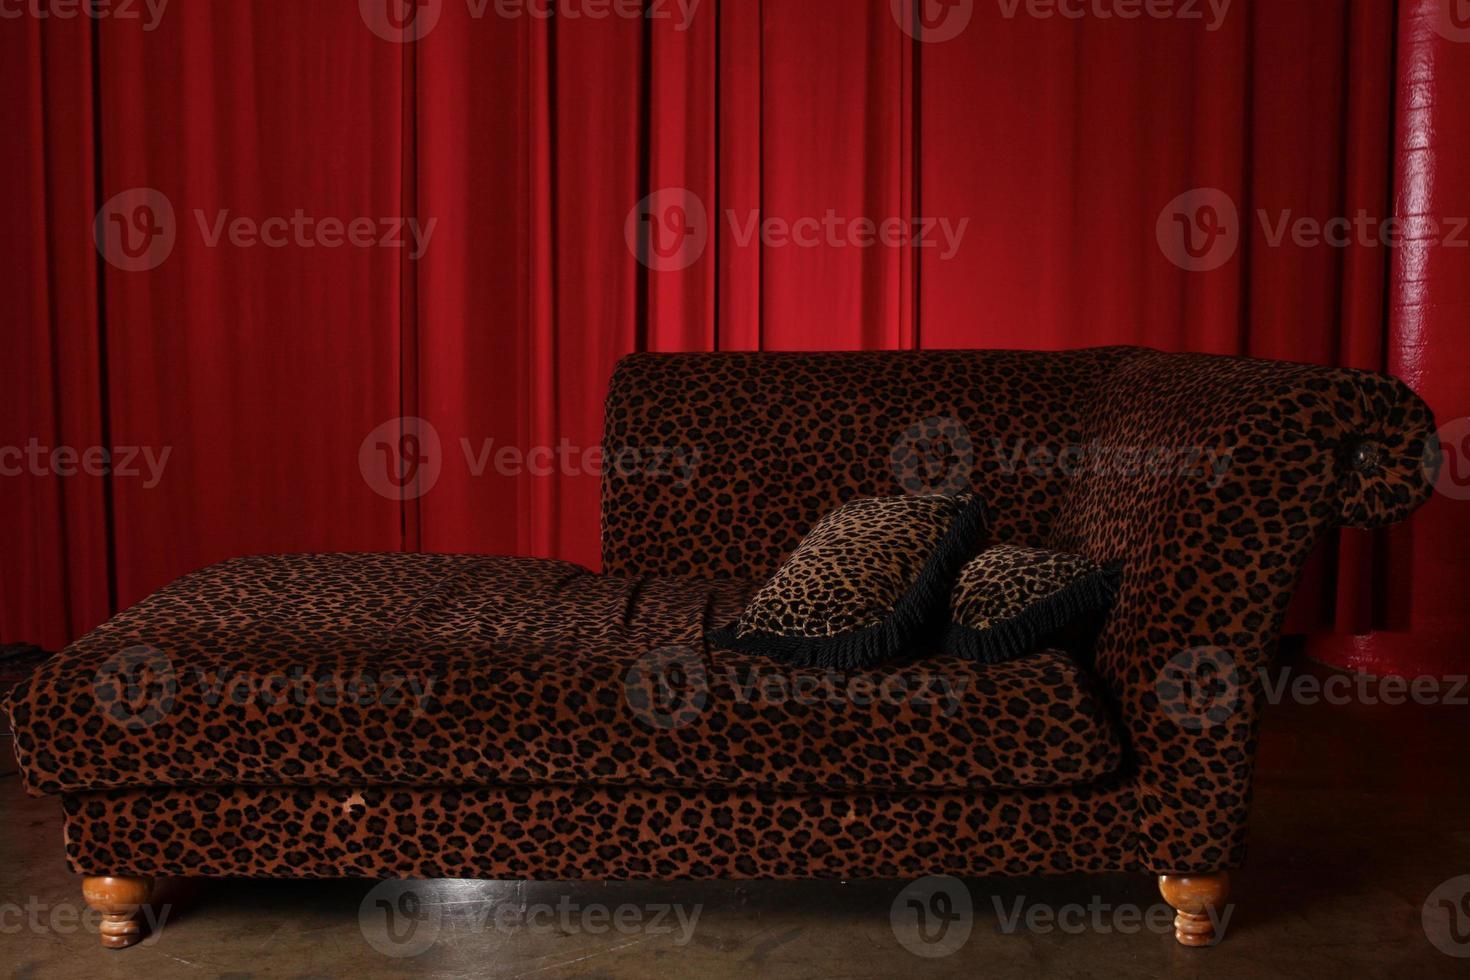 elemento de cortina de cortina de teatro de escenario foto